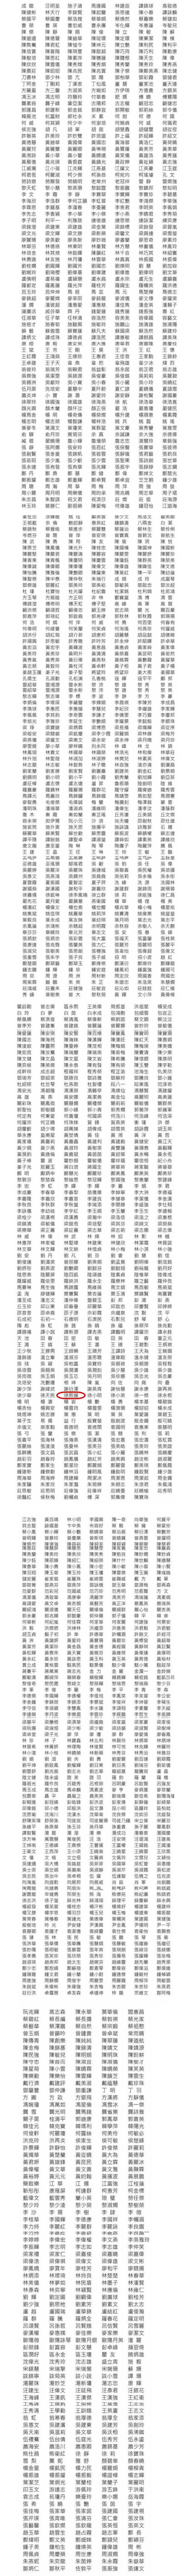 成龍率2600人連署挺「港版國安法」 大咖名單驚見「徐熙媛」